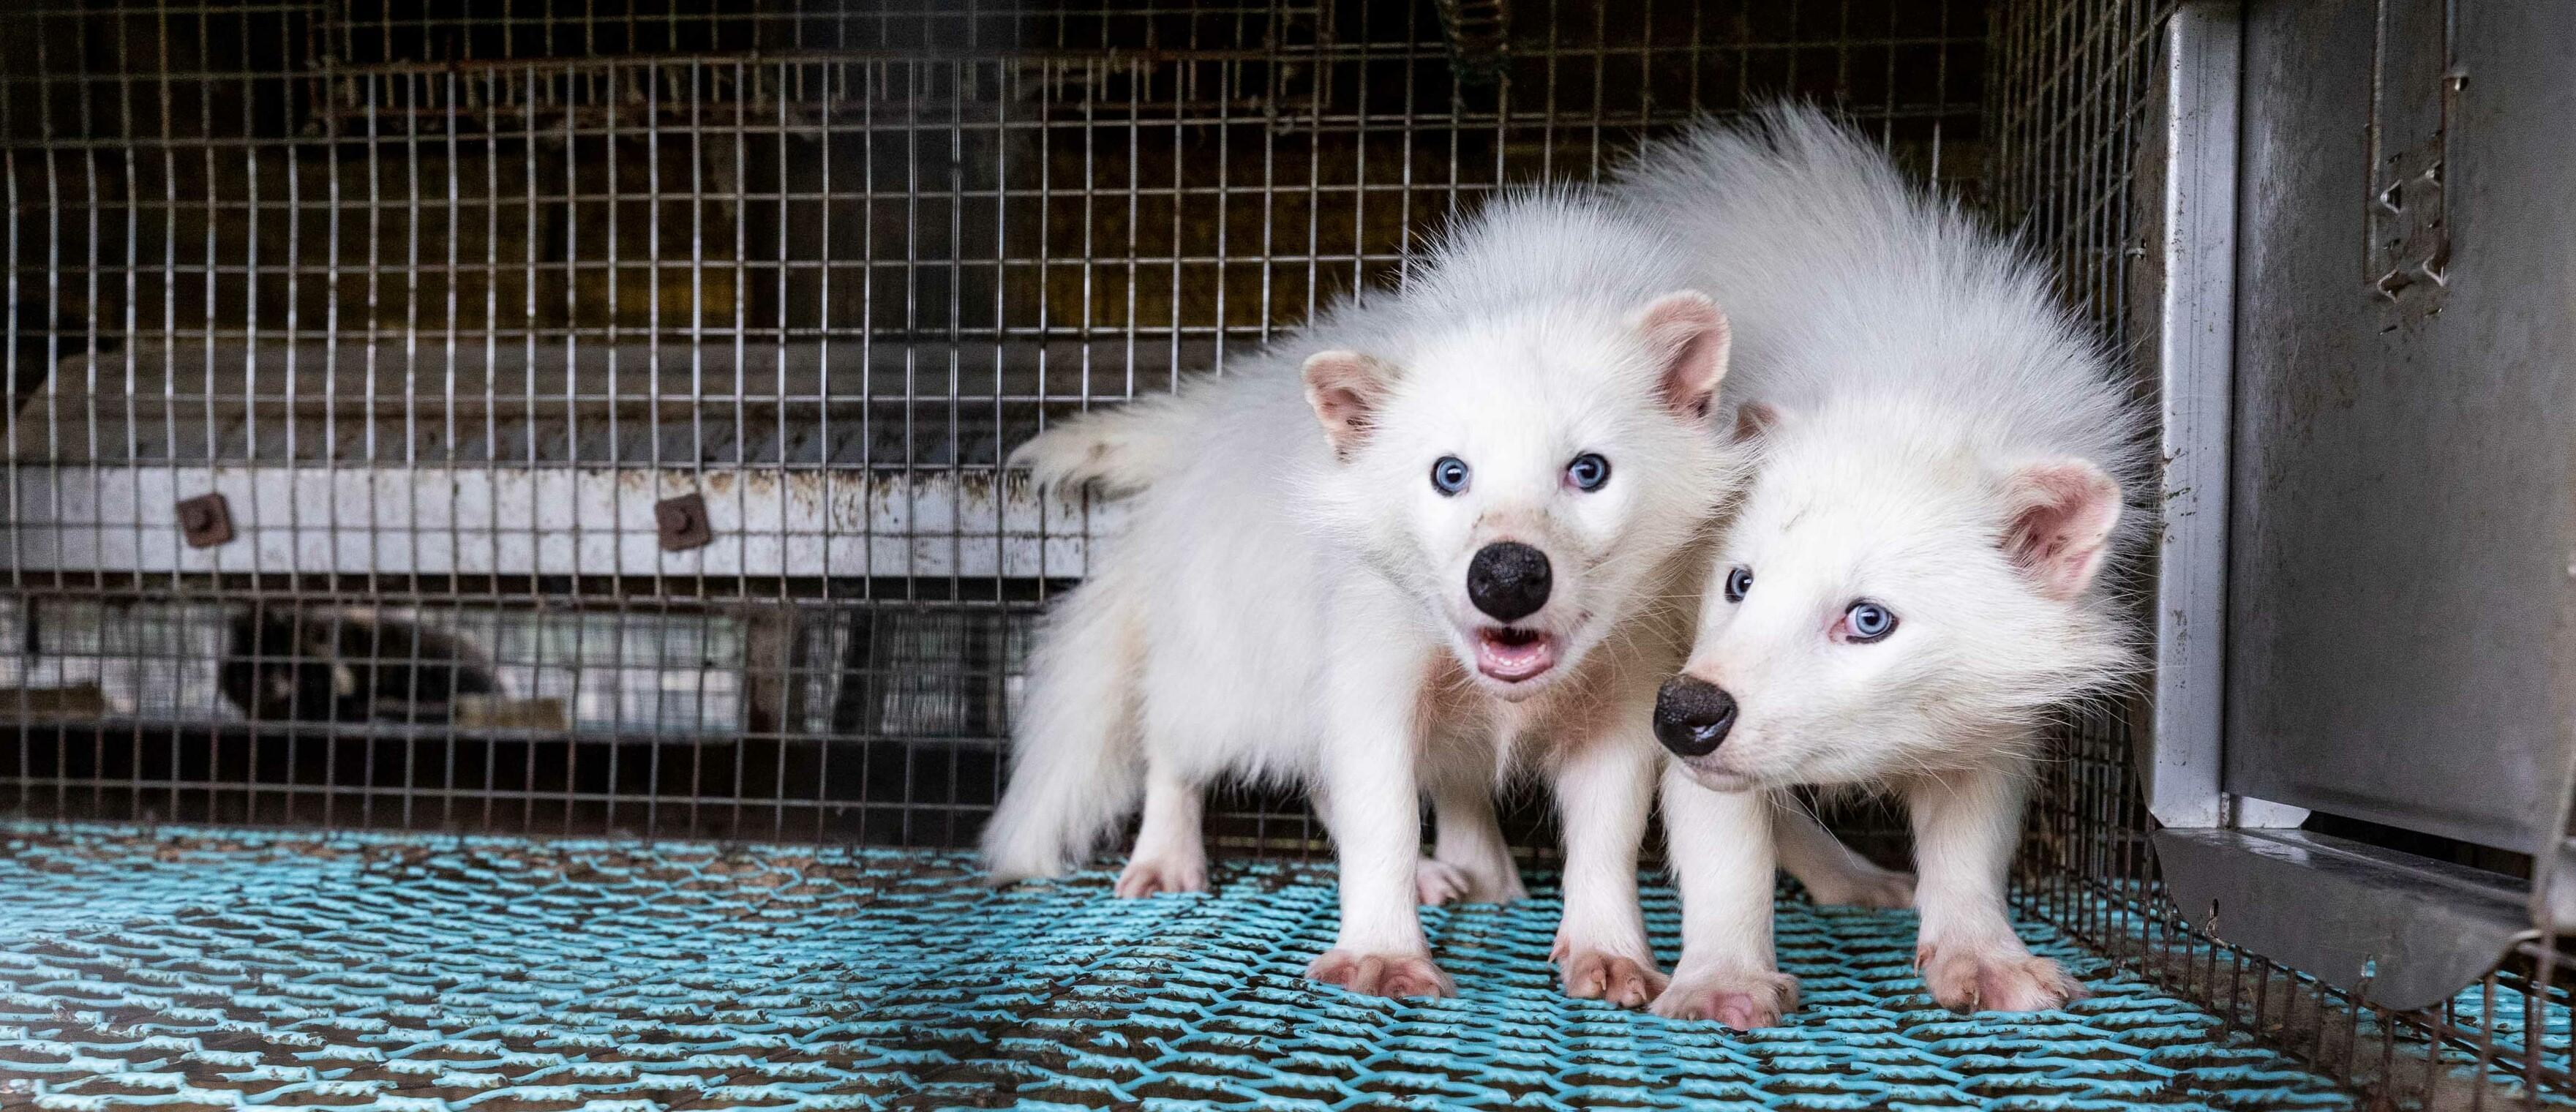 Marderhunde im Käfig